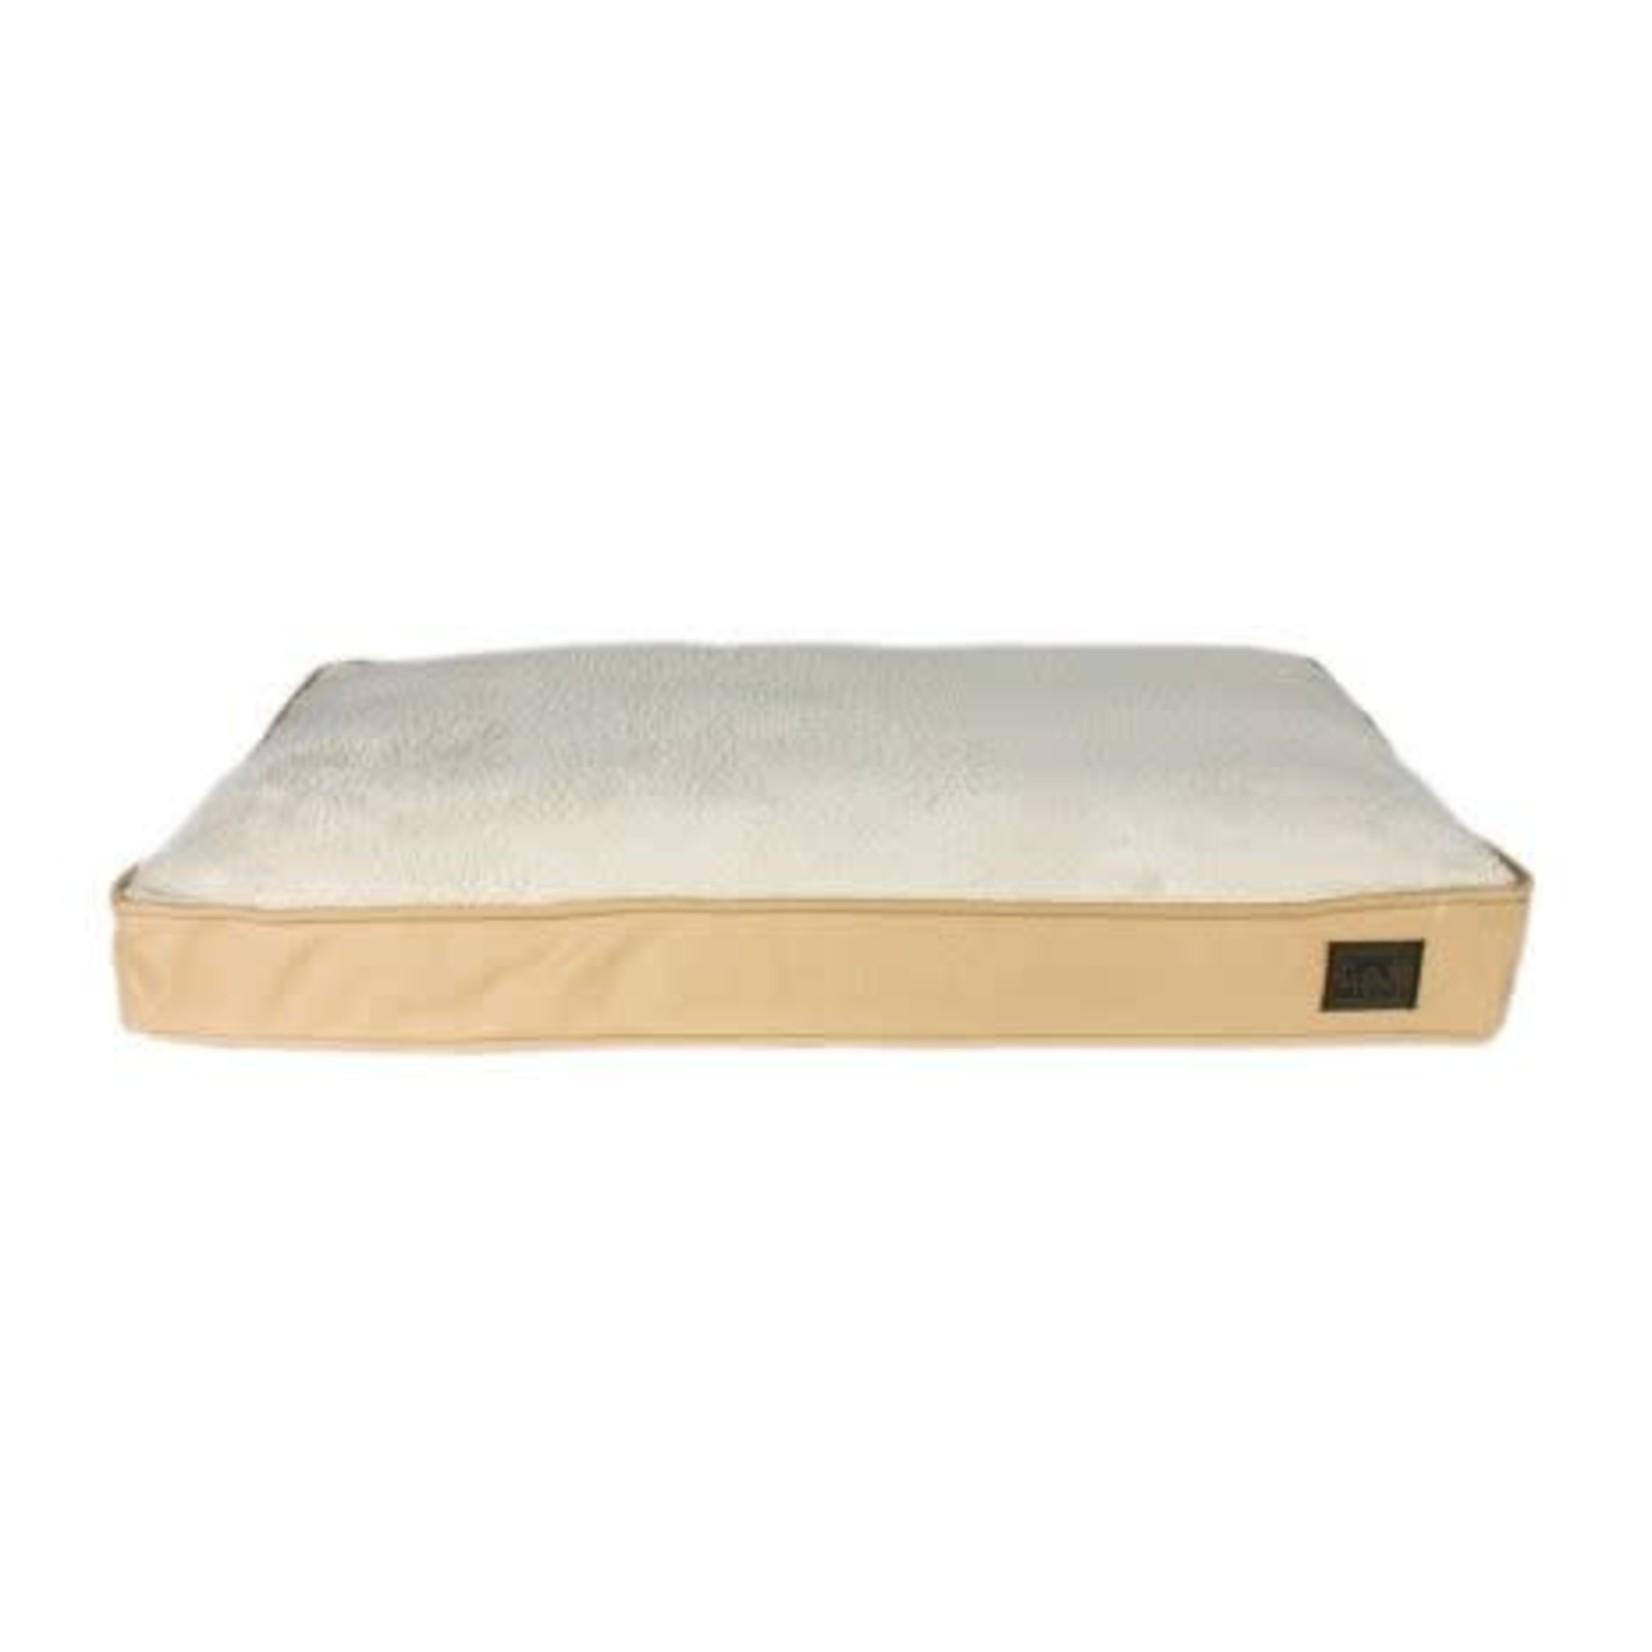 Tall Tails Tall Tails Cushion Bed Khakil Medium